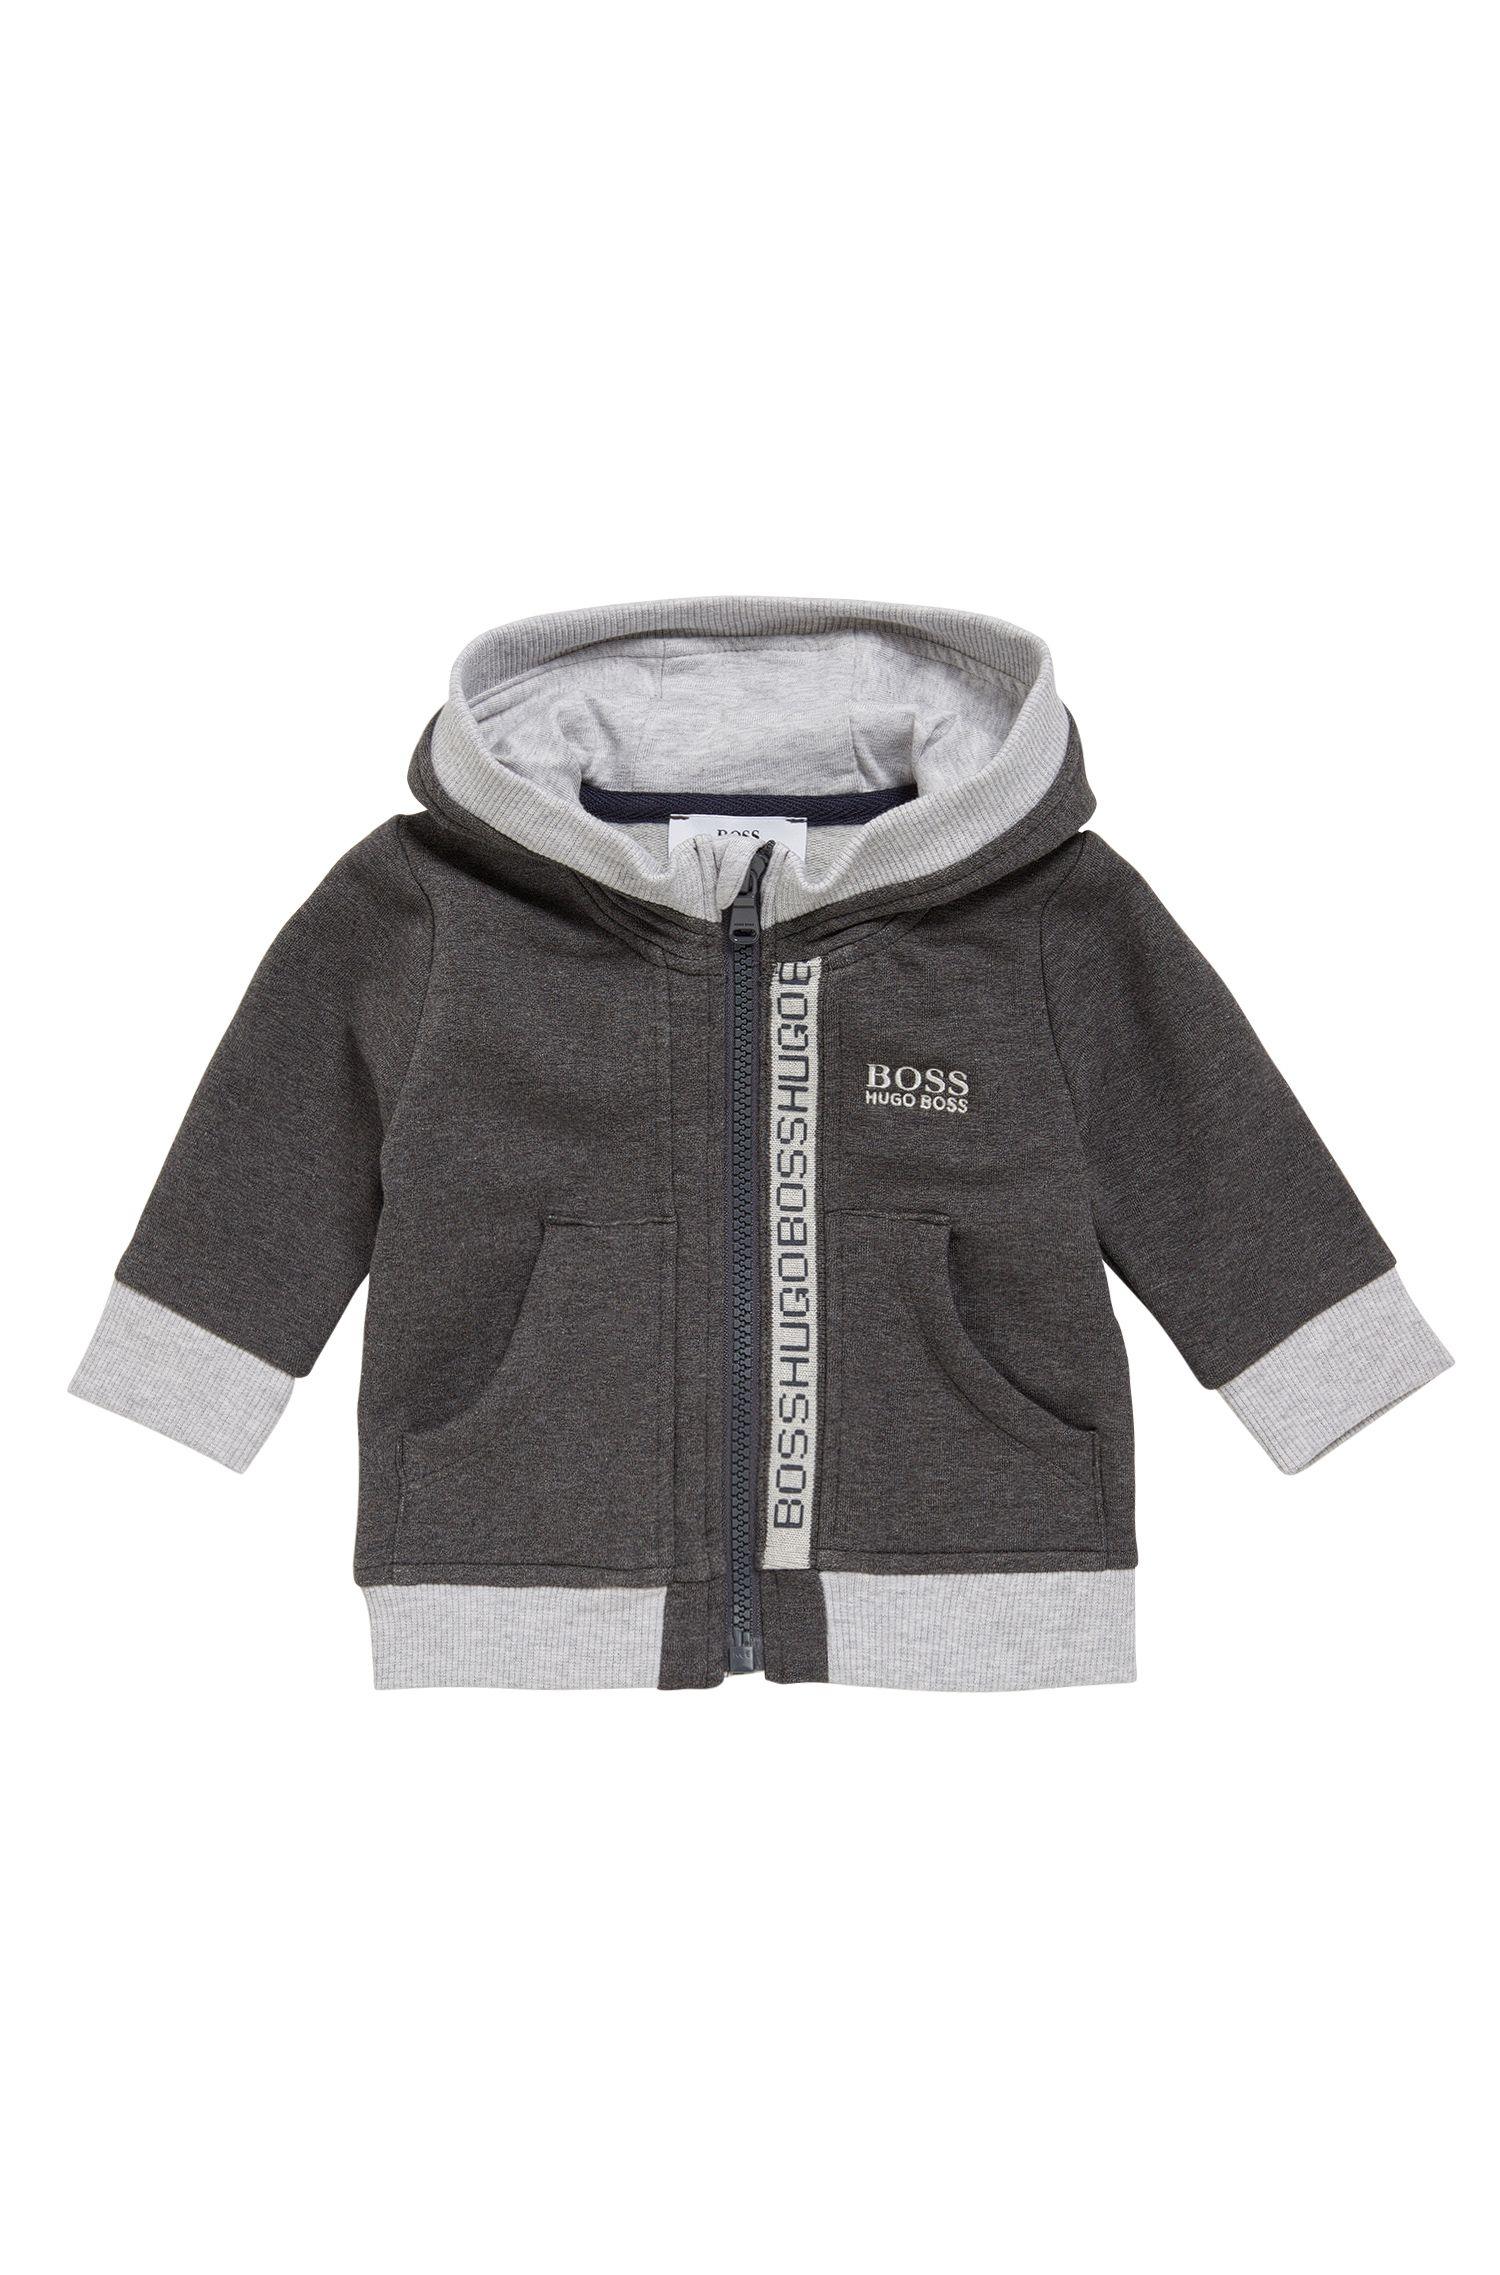 Blouson pour enfant en coton mélangé extensible à capuche: «J05518»